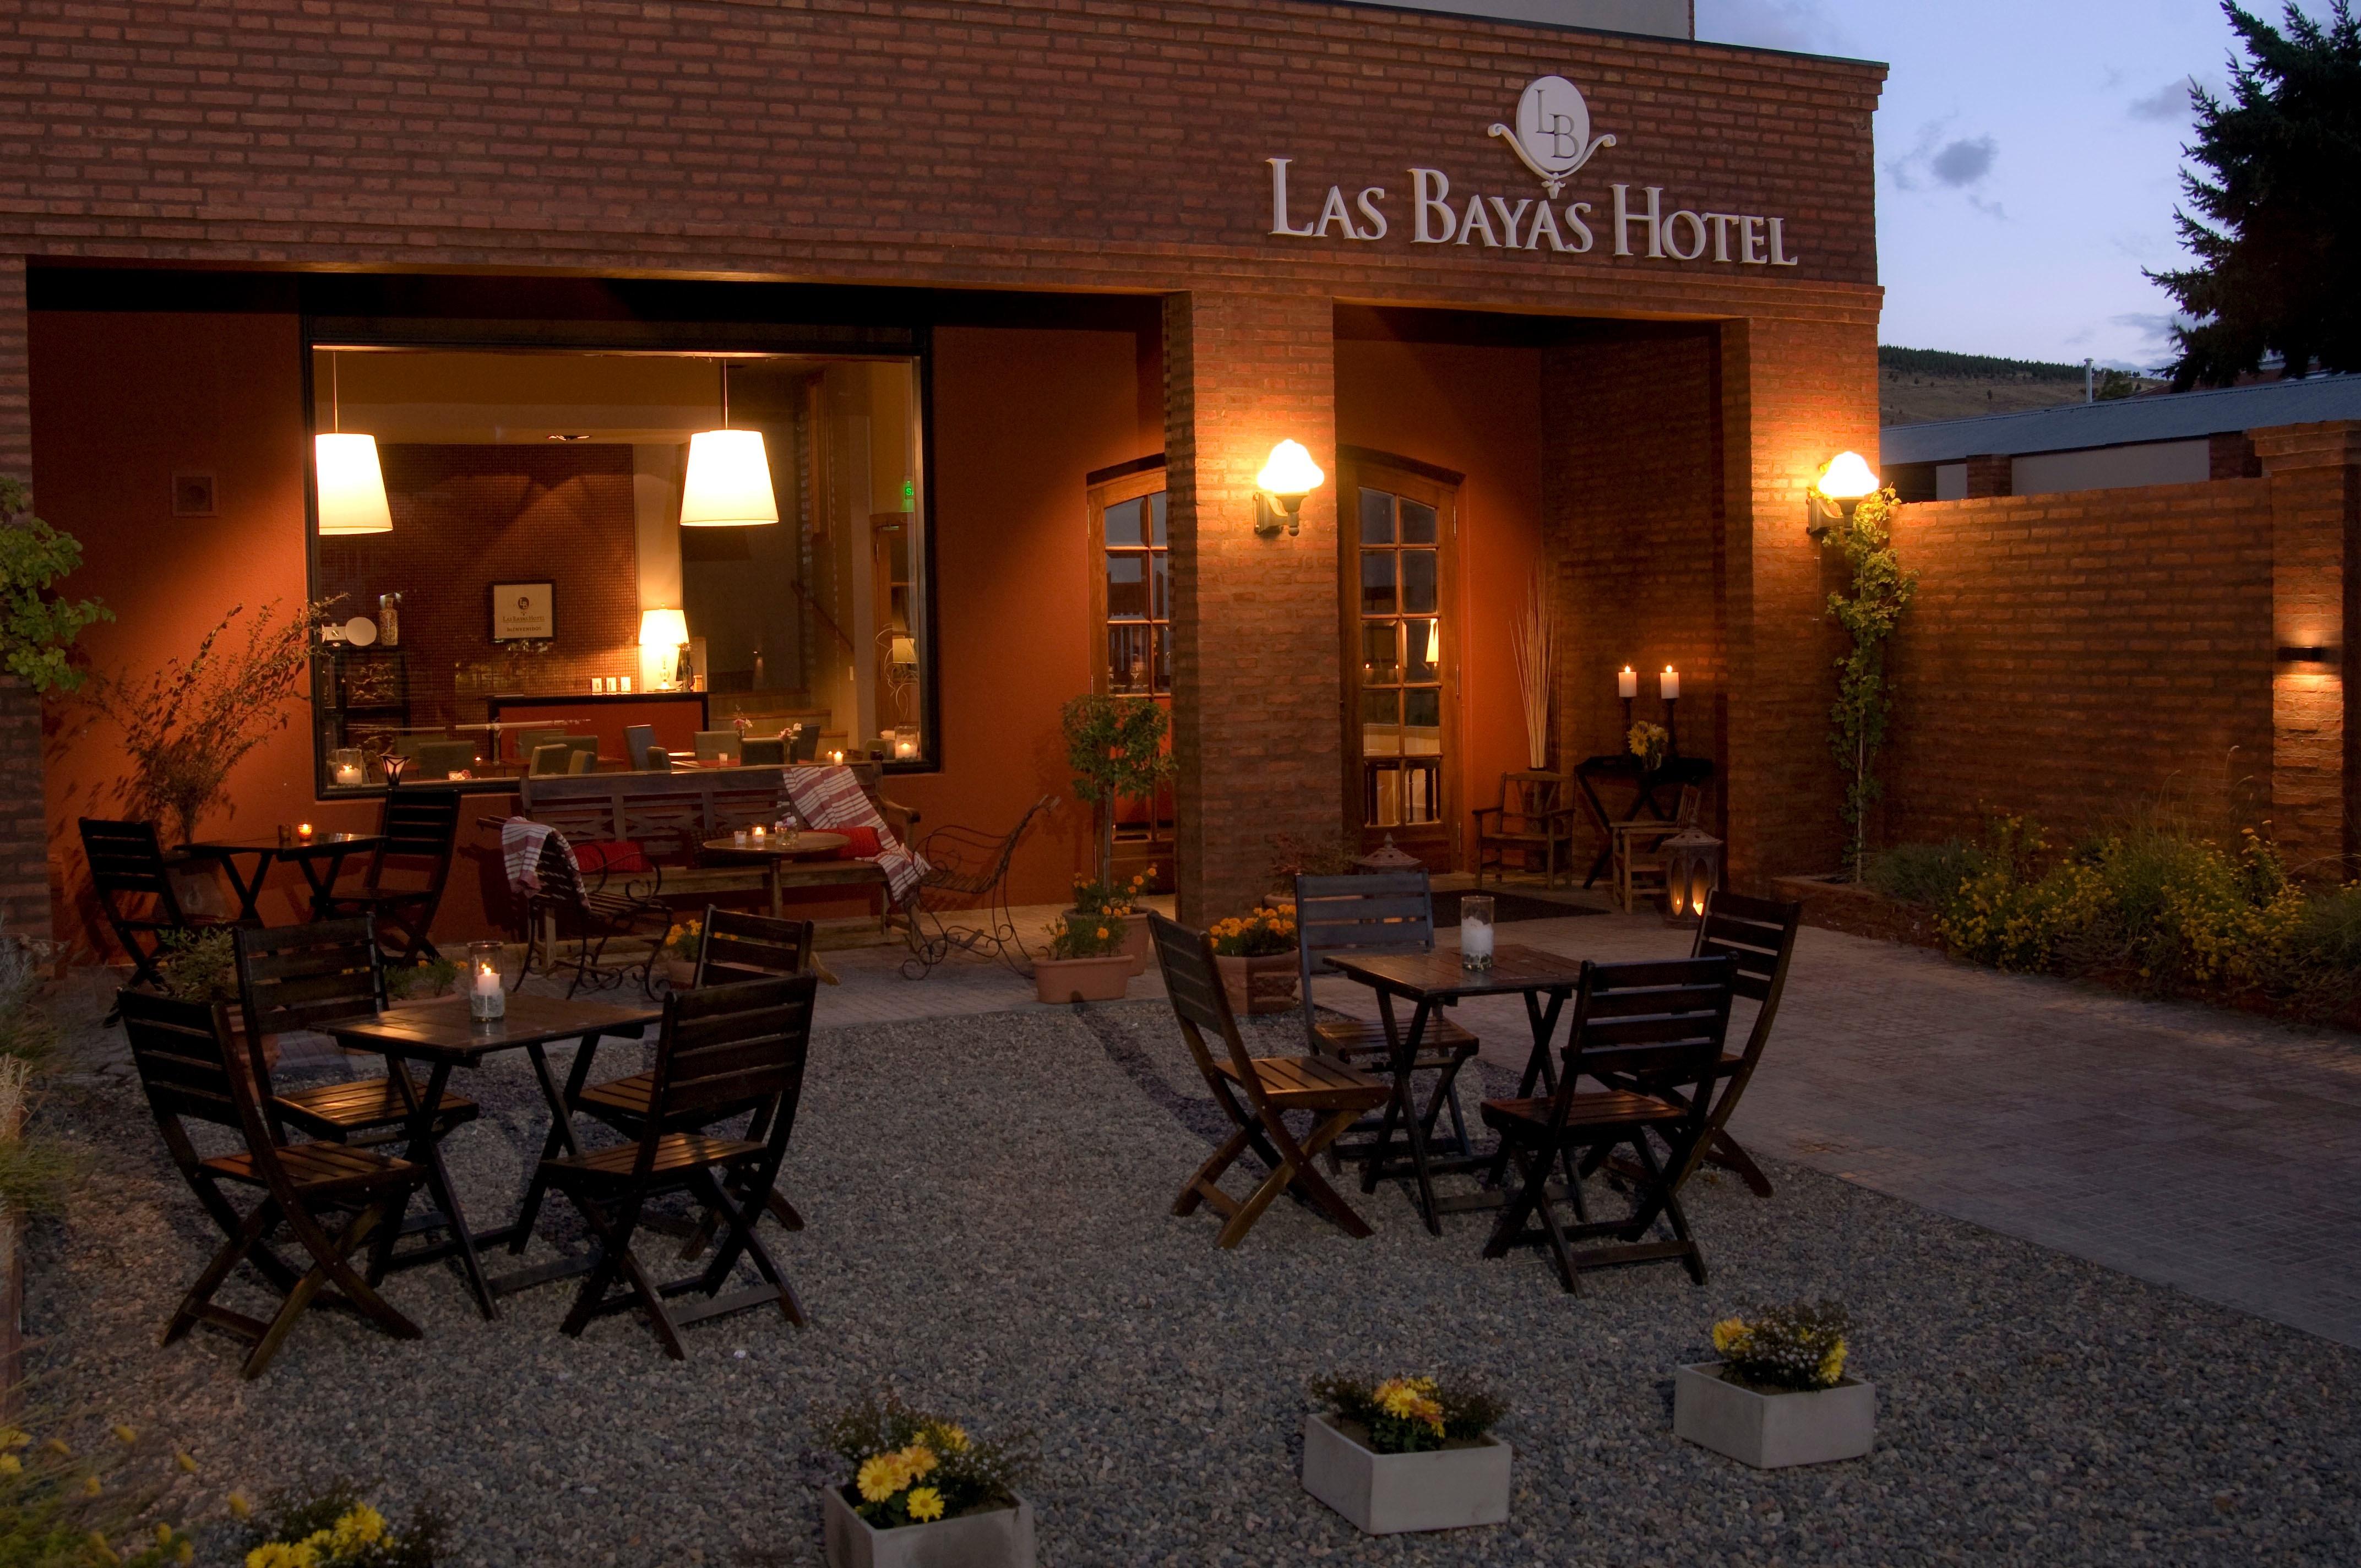 貝亞斯飯店